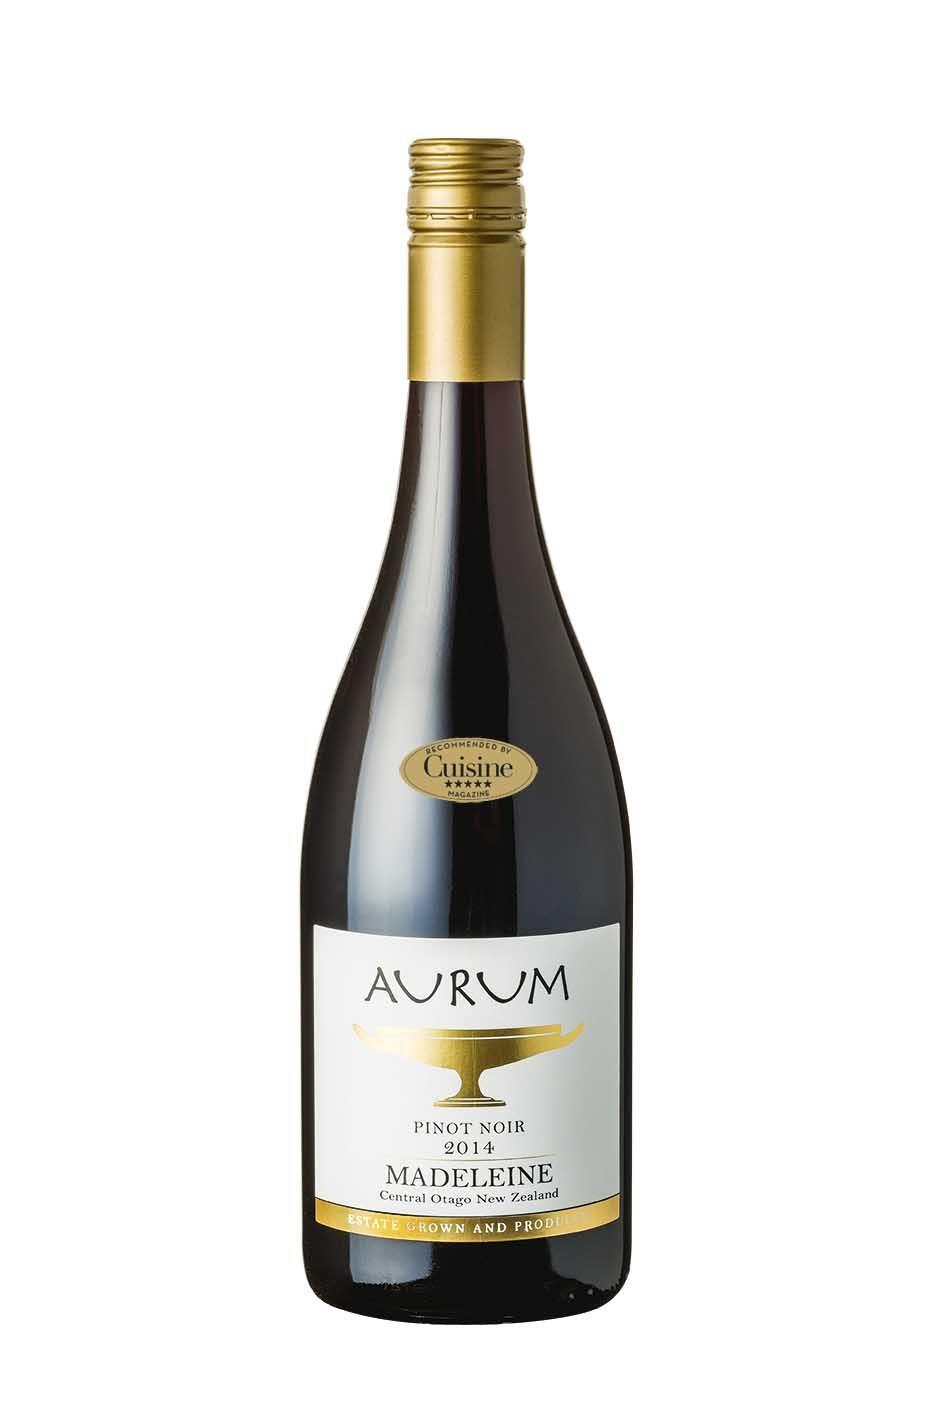 Aurum Madeleine Pinot Noir 2014 (Central Otago)